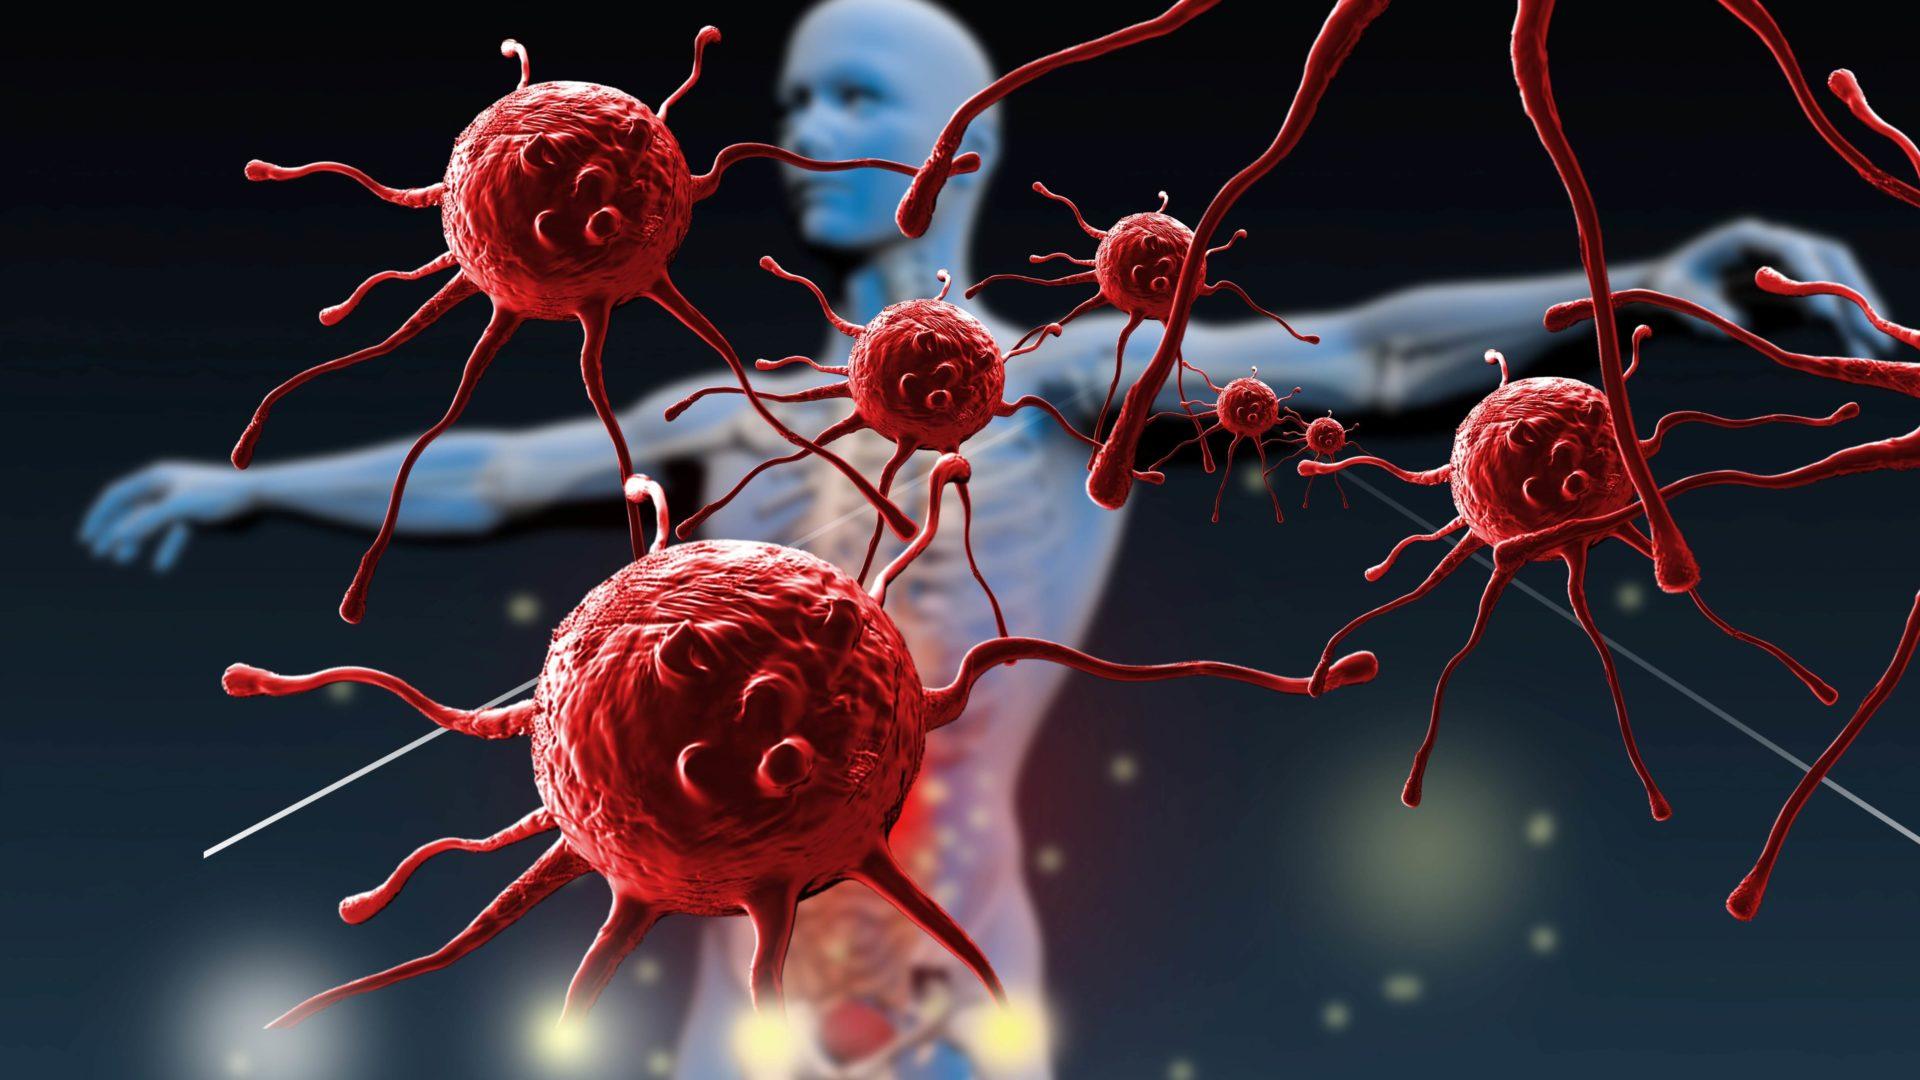 Odporność organizmu. Jak wzmocnić i stymulować? Pomocne zabiegi i proodpornościowy styl życia. Substancje i dieta na odporność KOMPENDIUM